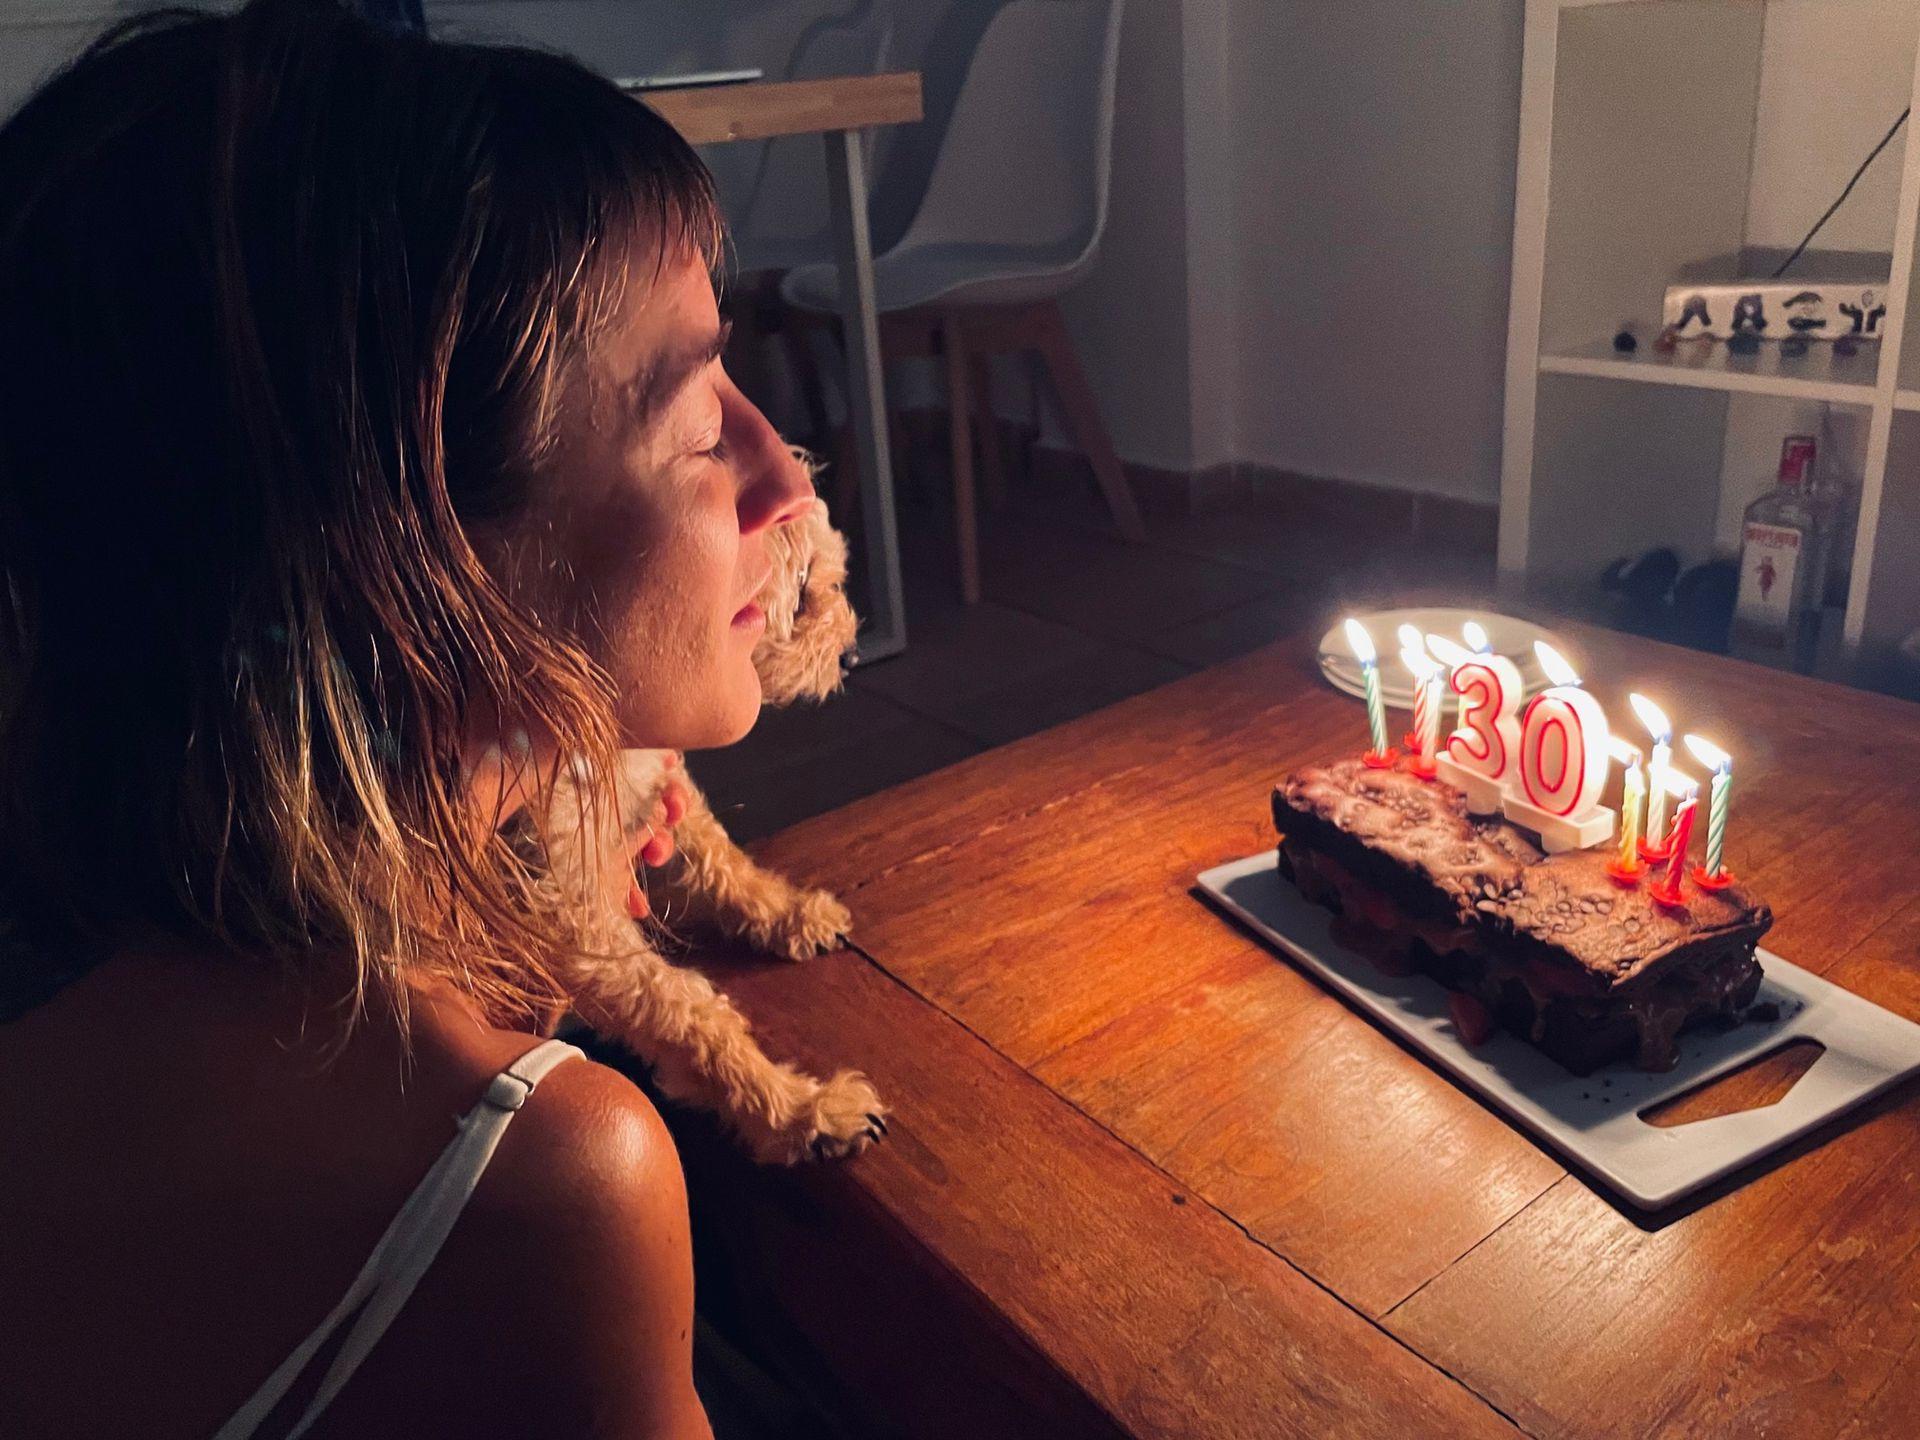 Camila Salazar festejó su cumpleaños número 30 en Ibiza, donde vive desde marzo con su marido